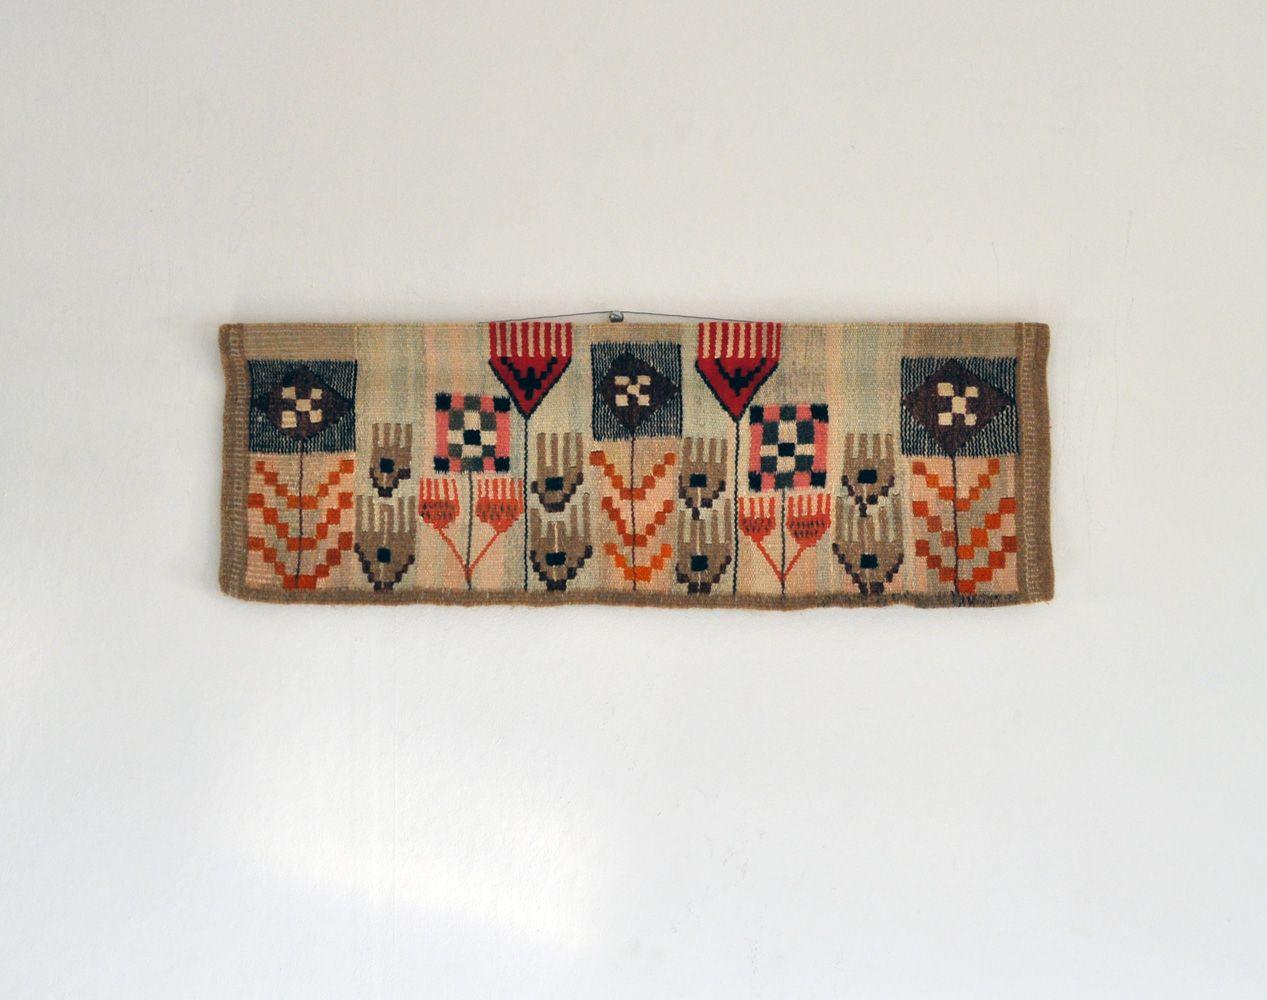 skandinavischer mid century modern wandteppich von mette birckner bei pamono kaufen. Black Bedroom Furniture Sets. Home Design Ideas